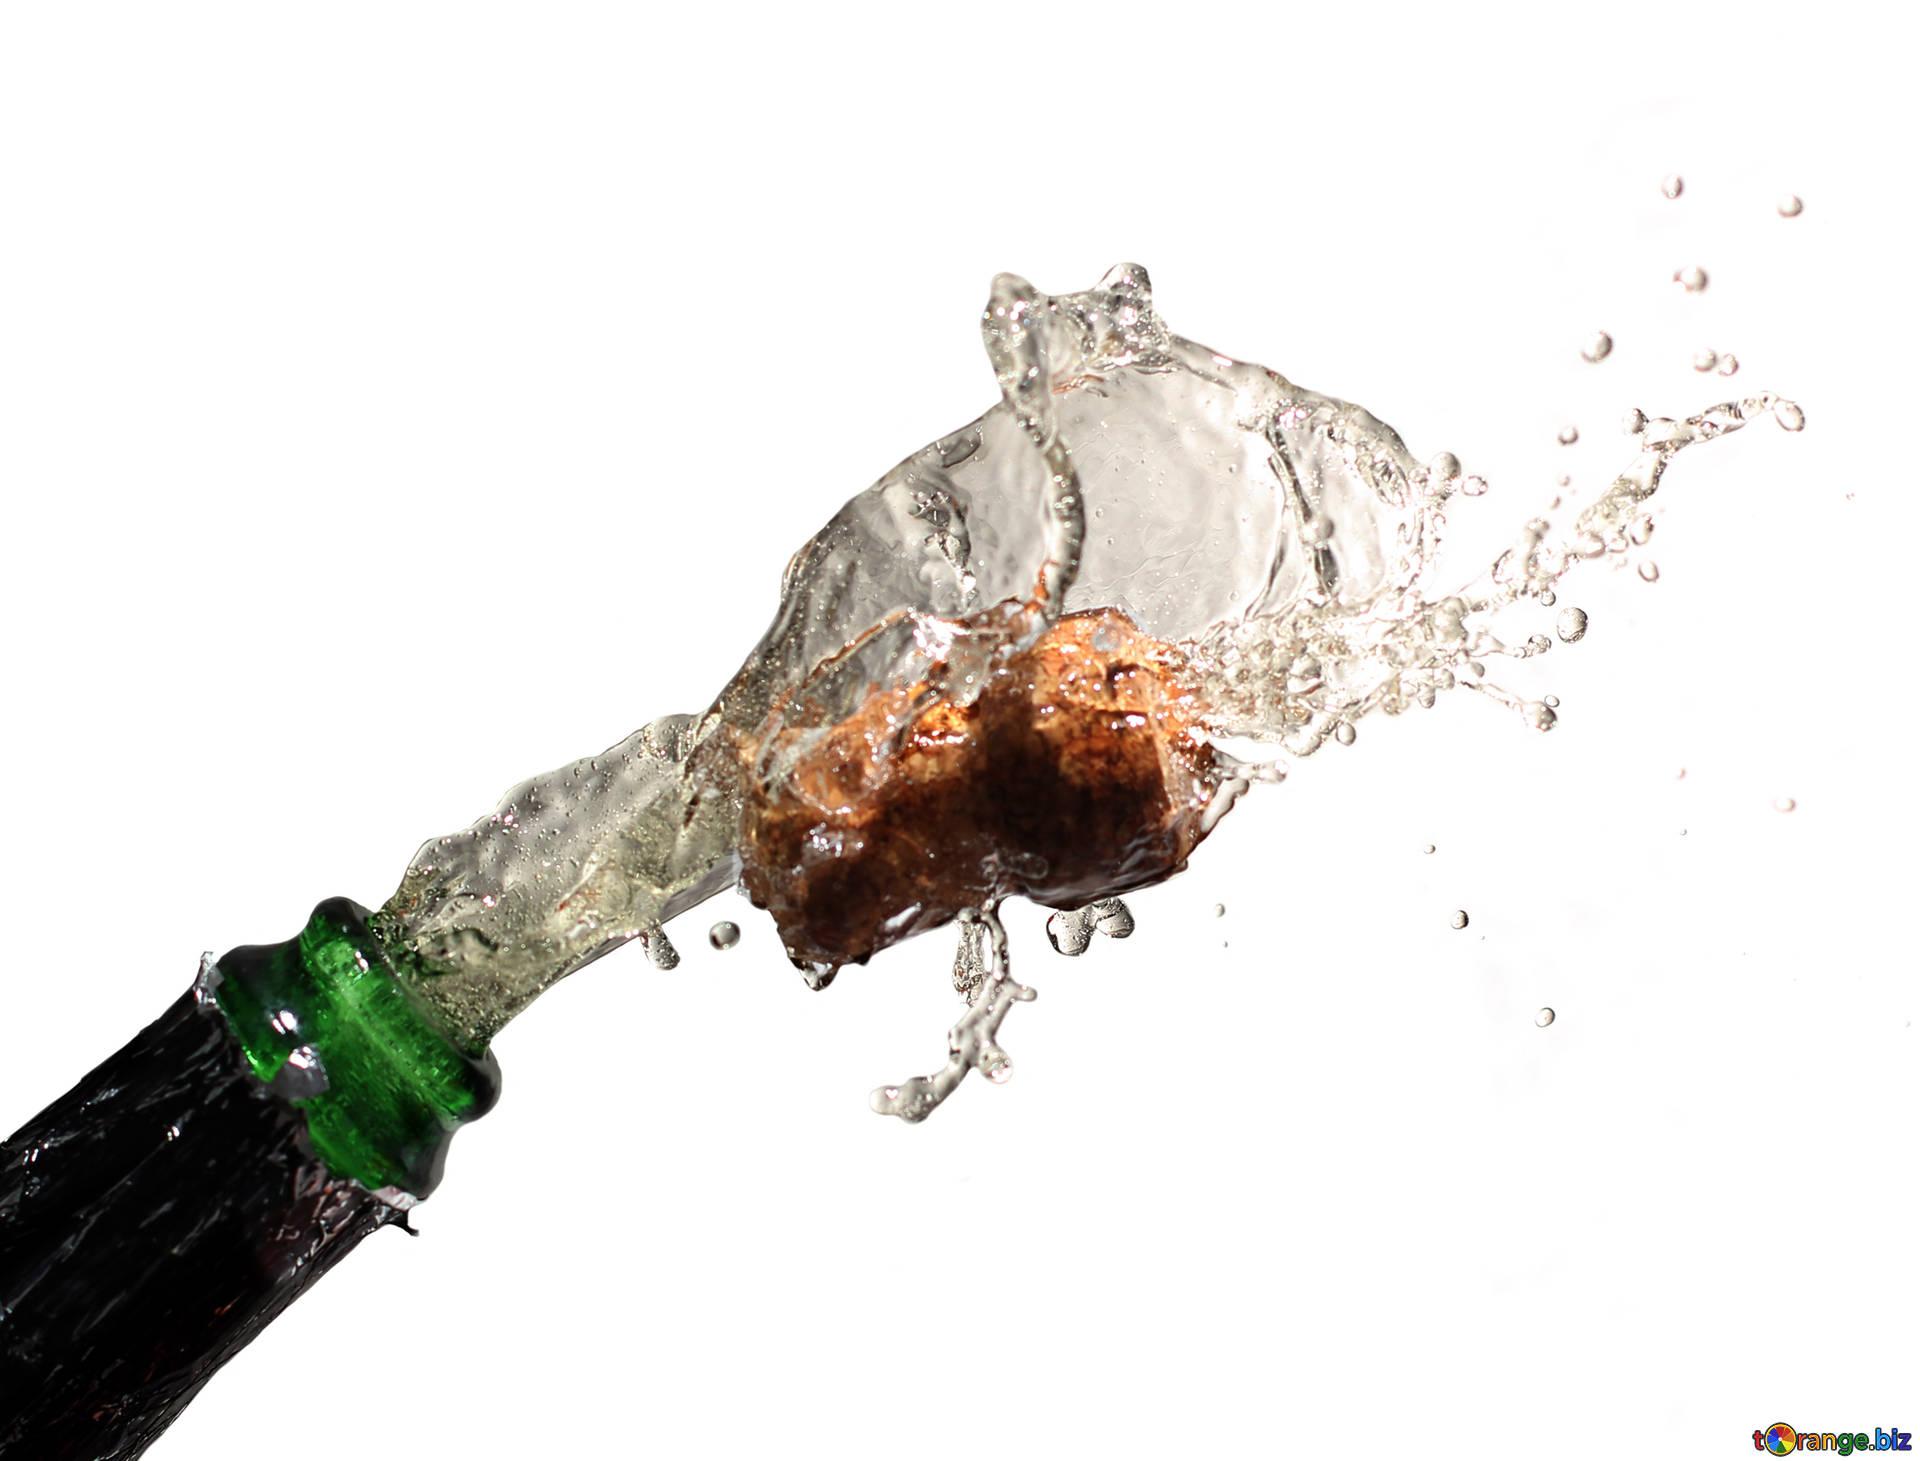 Champagner spritzt aus der Flasche